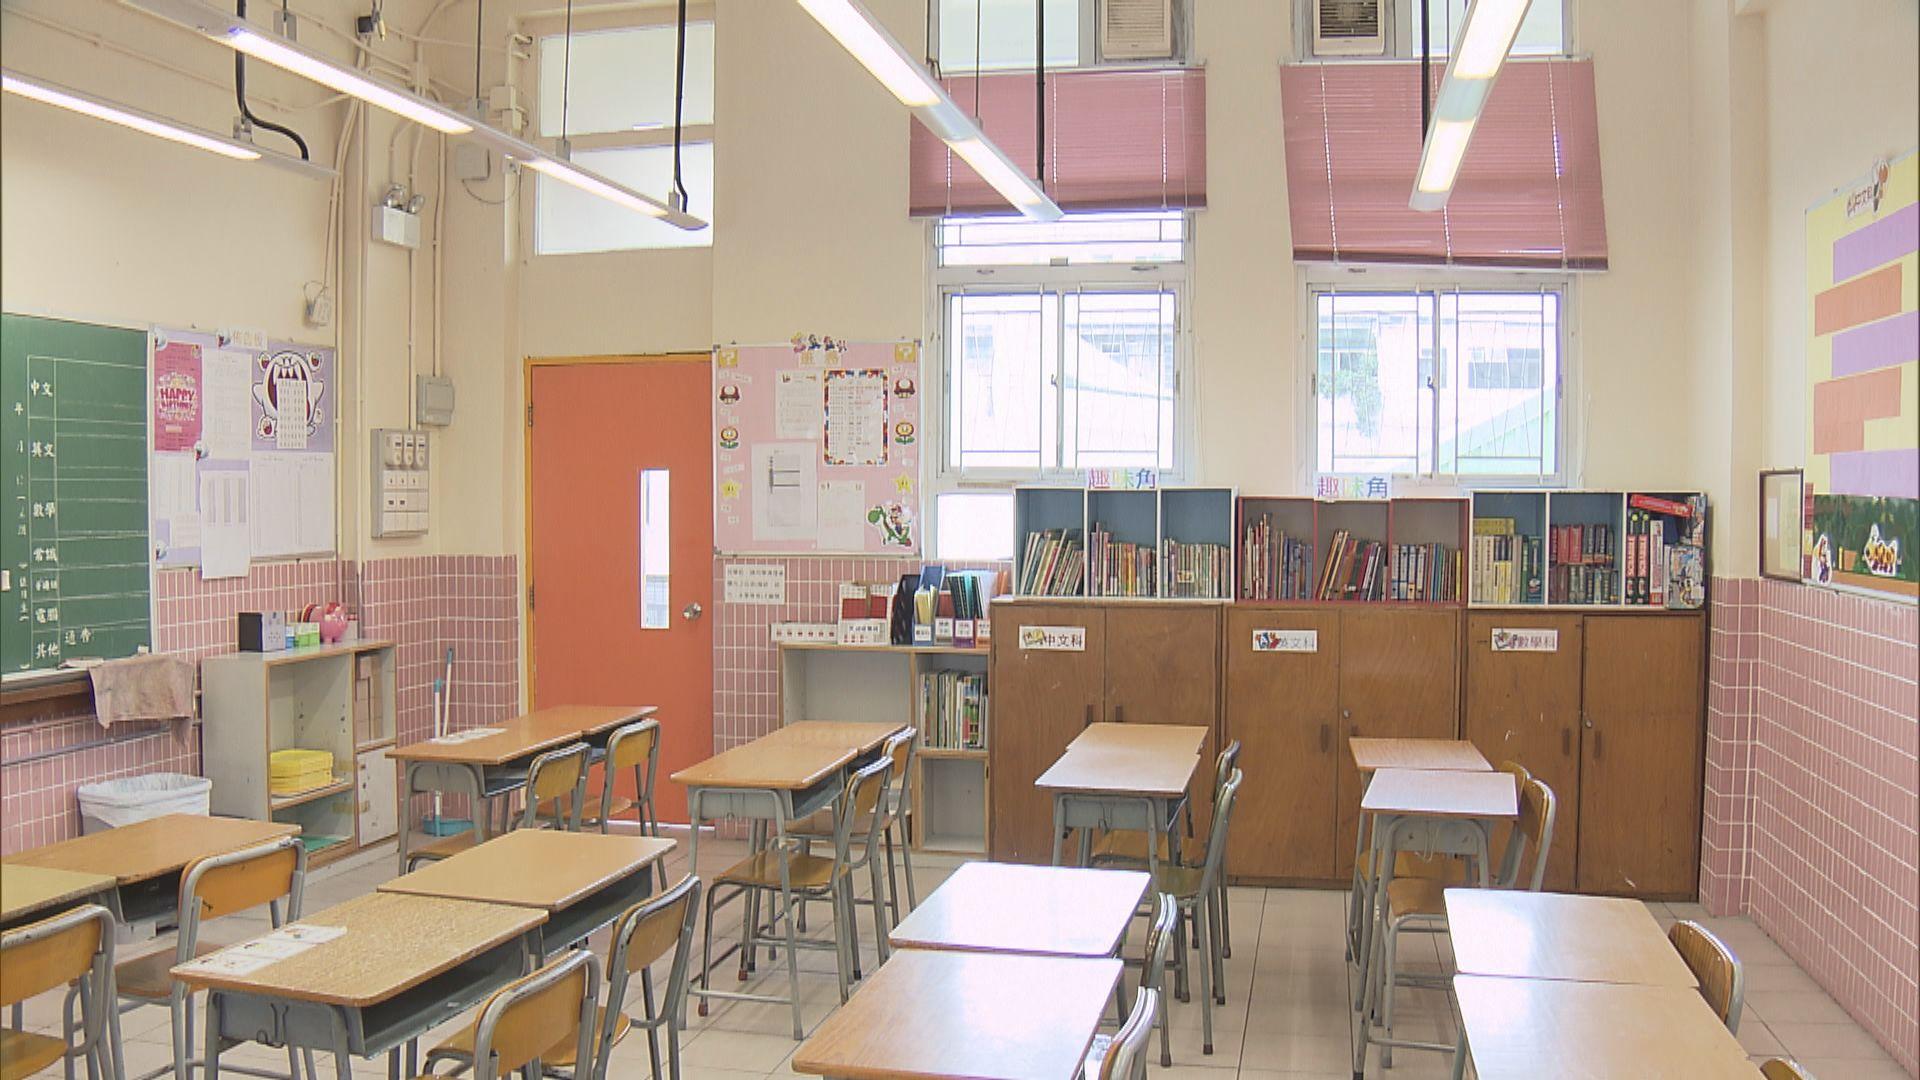 樂善堂小學改建過渡性房屋提供50個單位